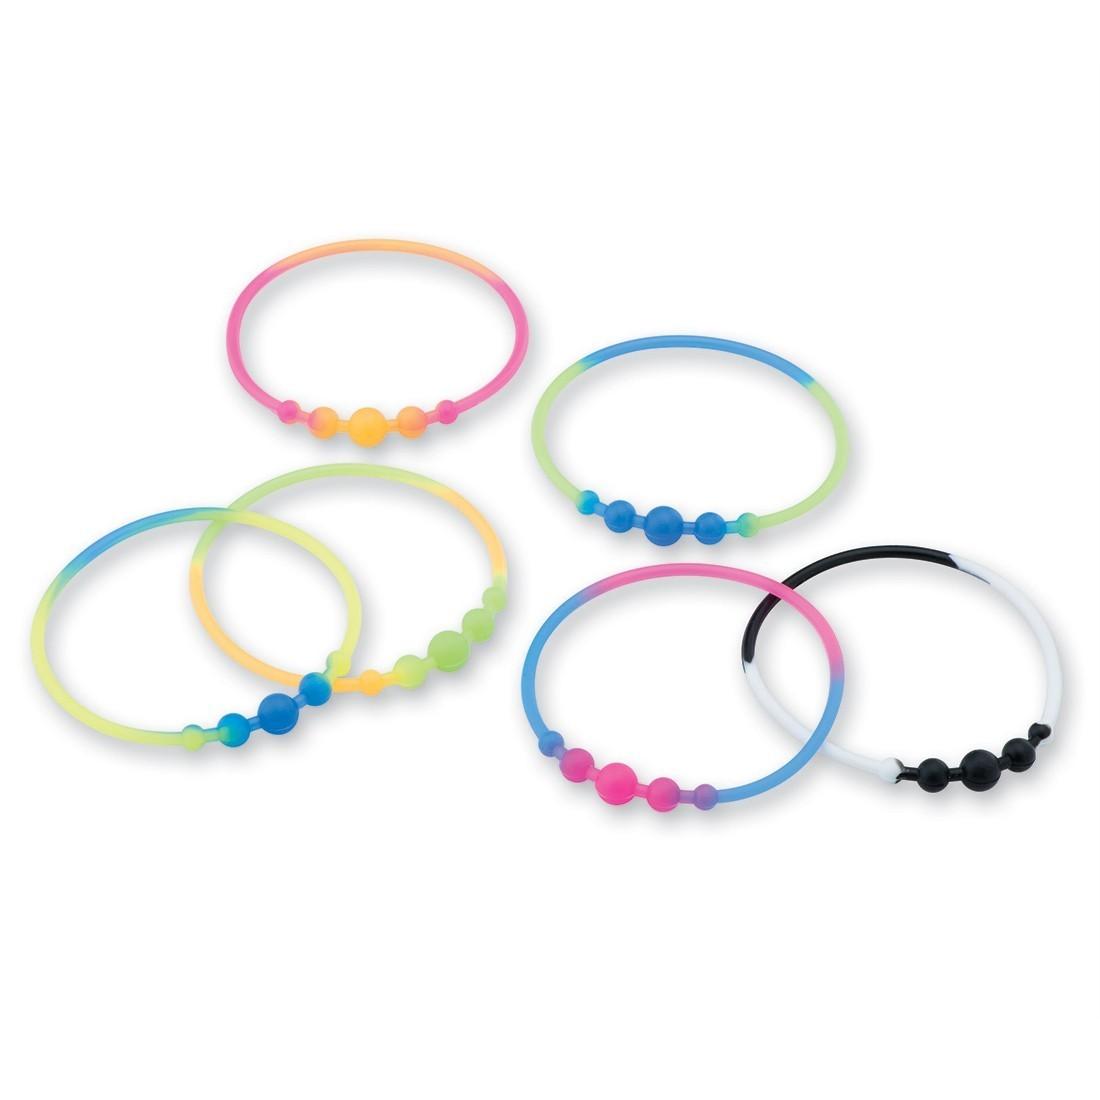 Bright Ball Jelly Bracelets [image]